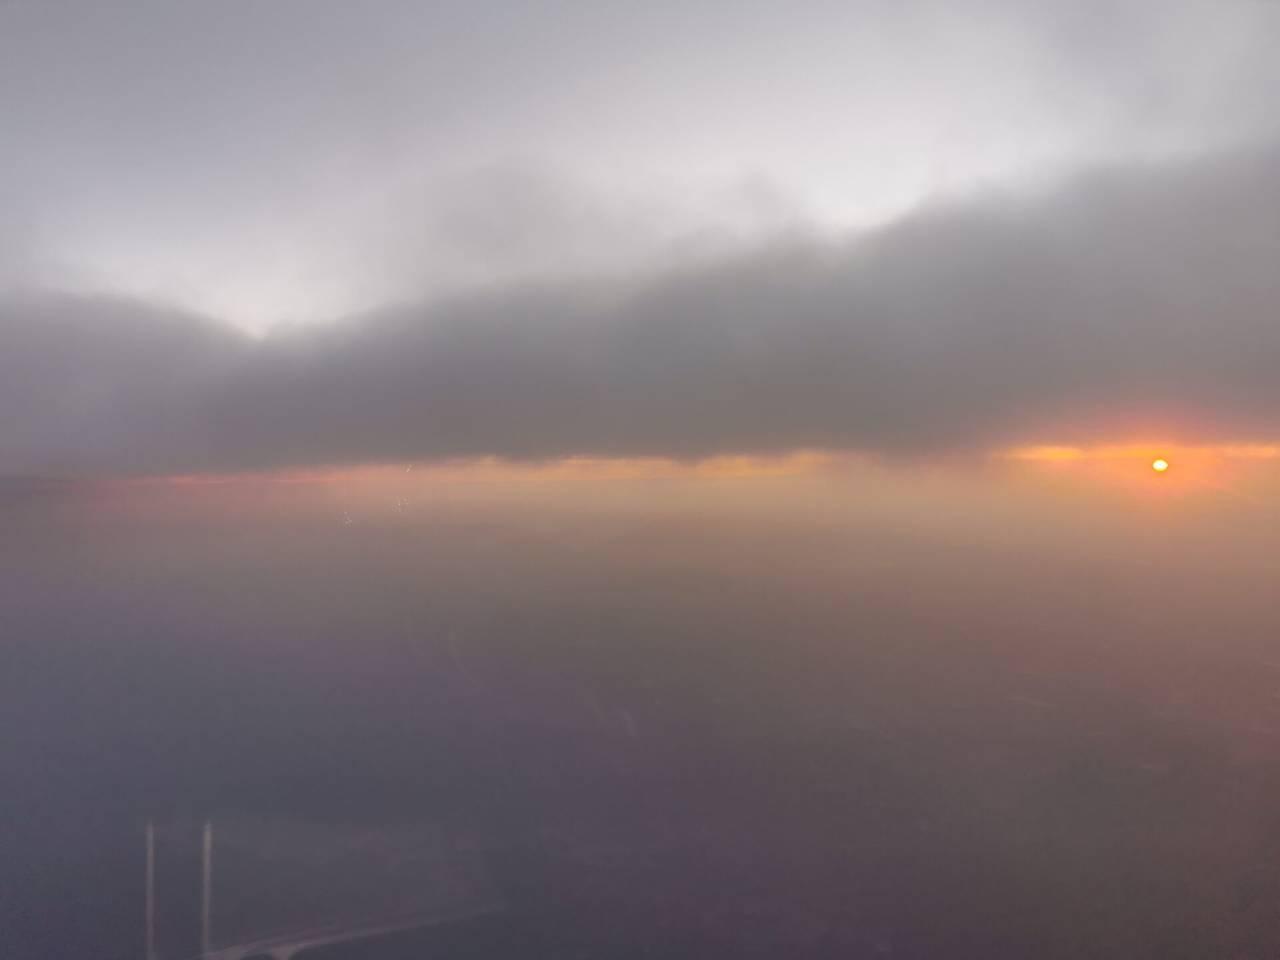 空中看落日5.jpg